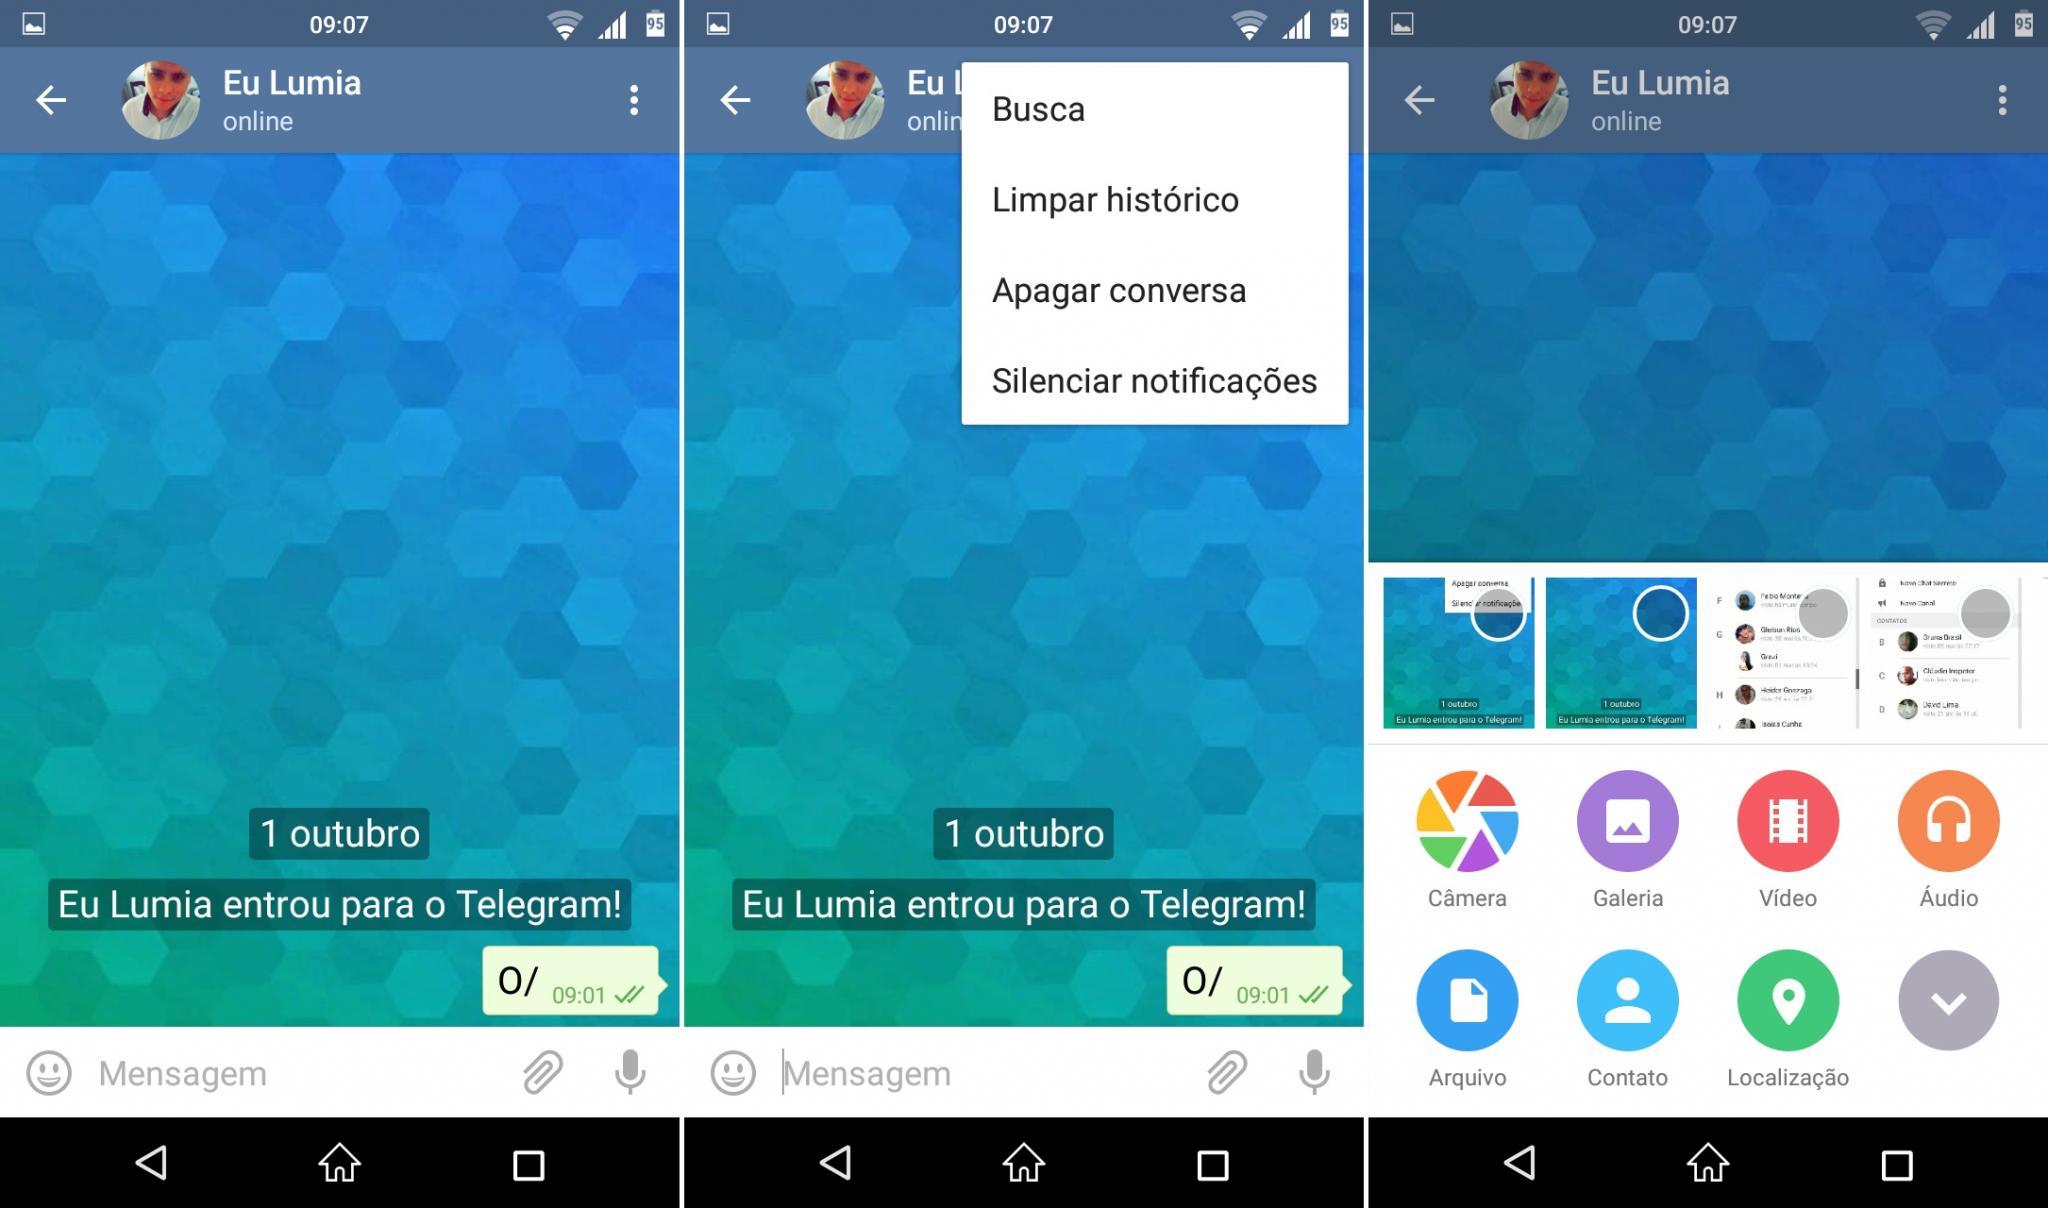 comparativo de apps #11 telegram - 5